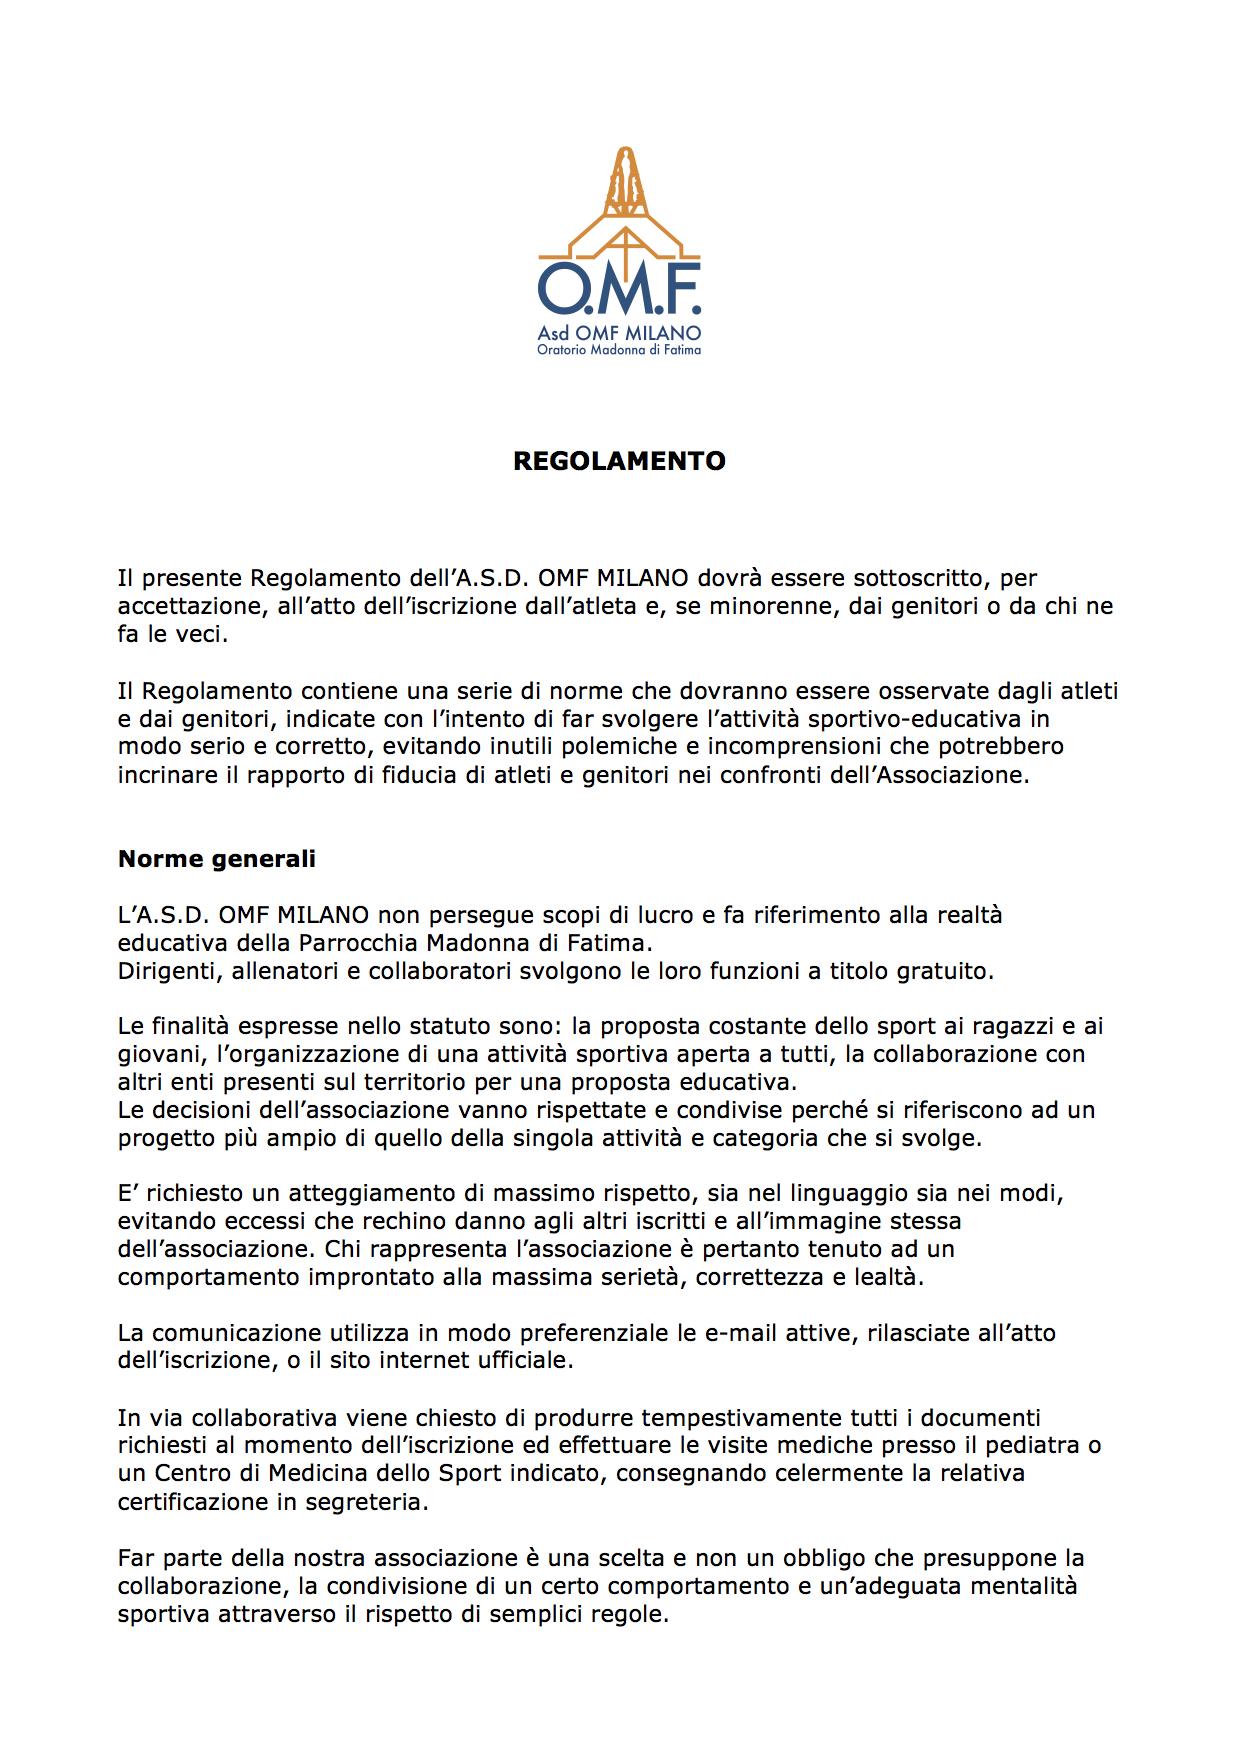 Regolamento interno parrocchia madonna di fatima for Regolamento igiene milano